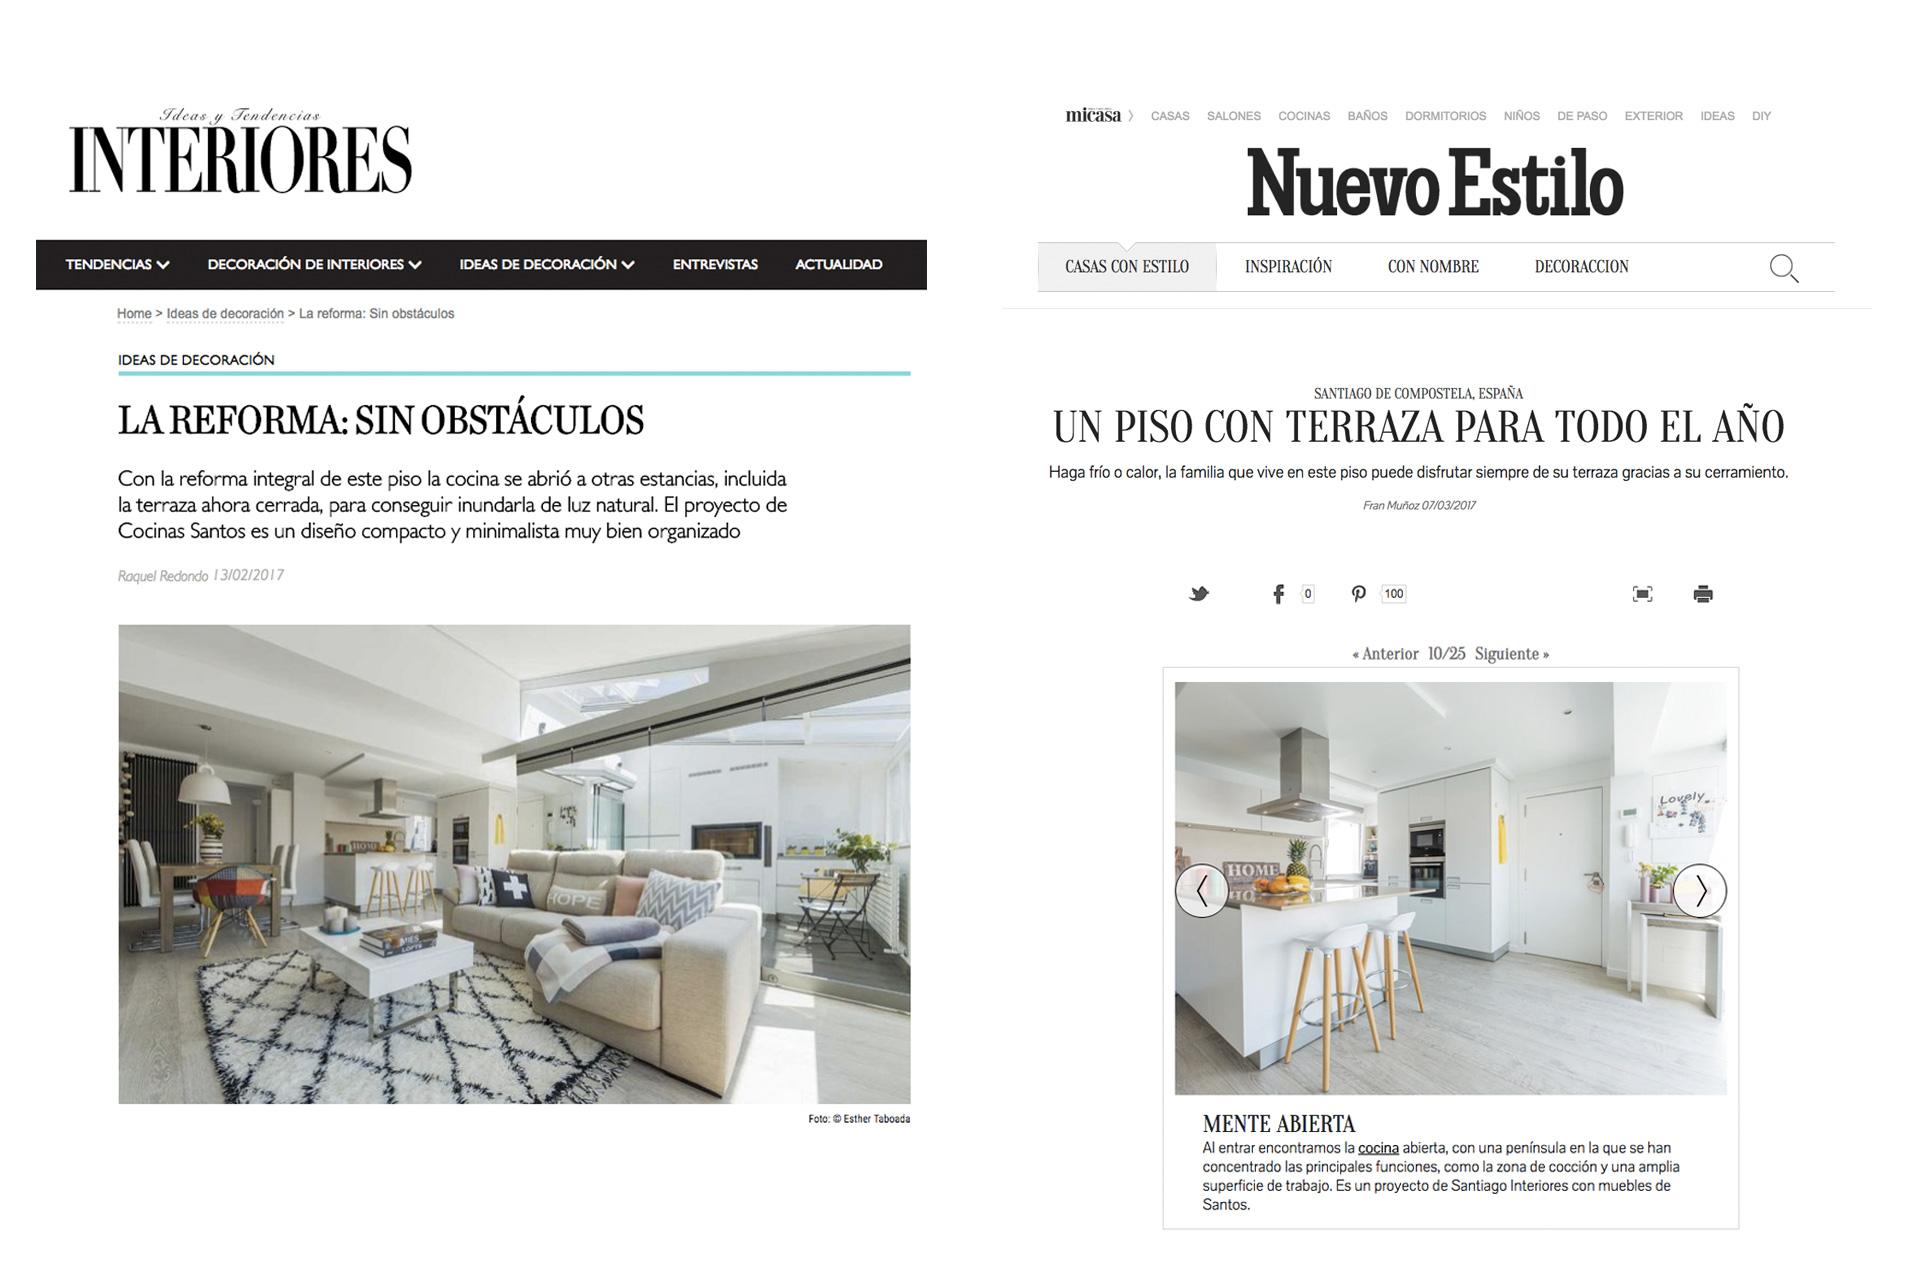 Santiago Interiores en los medios: una cocina abierta | Cocinas Santos | Santiago Interiores | Publicación en revista Interiores y Nuevo Estilo